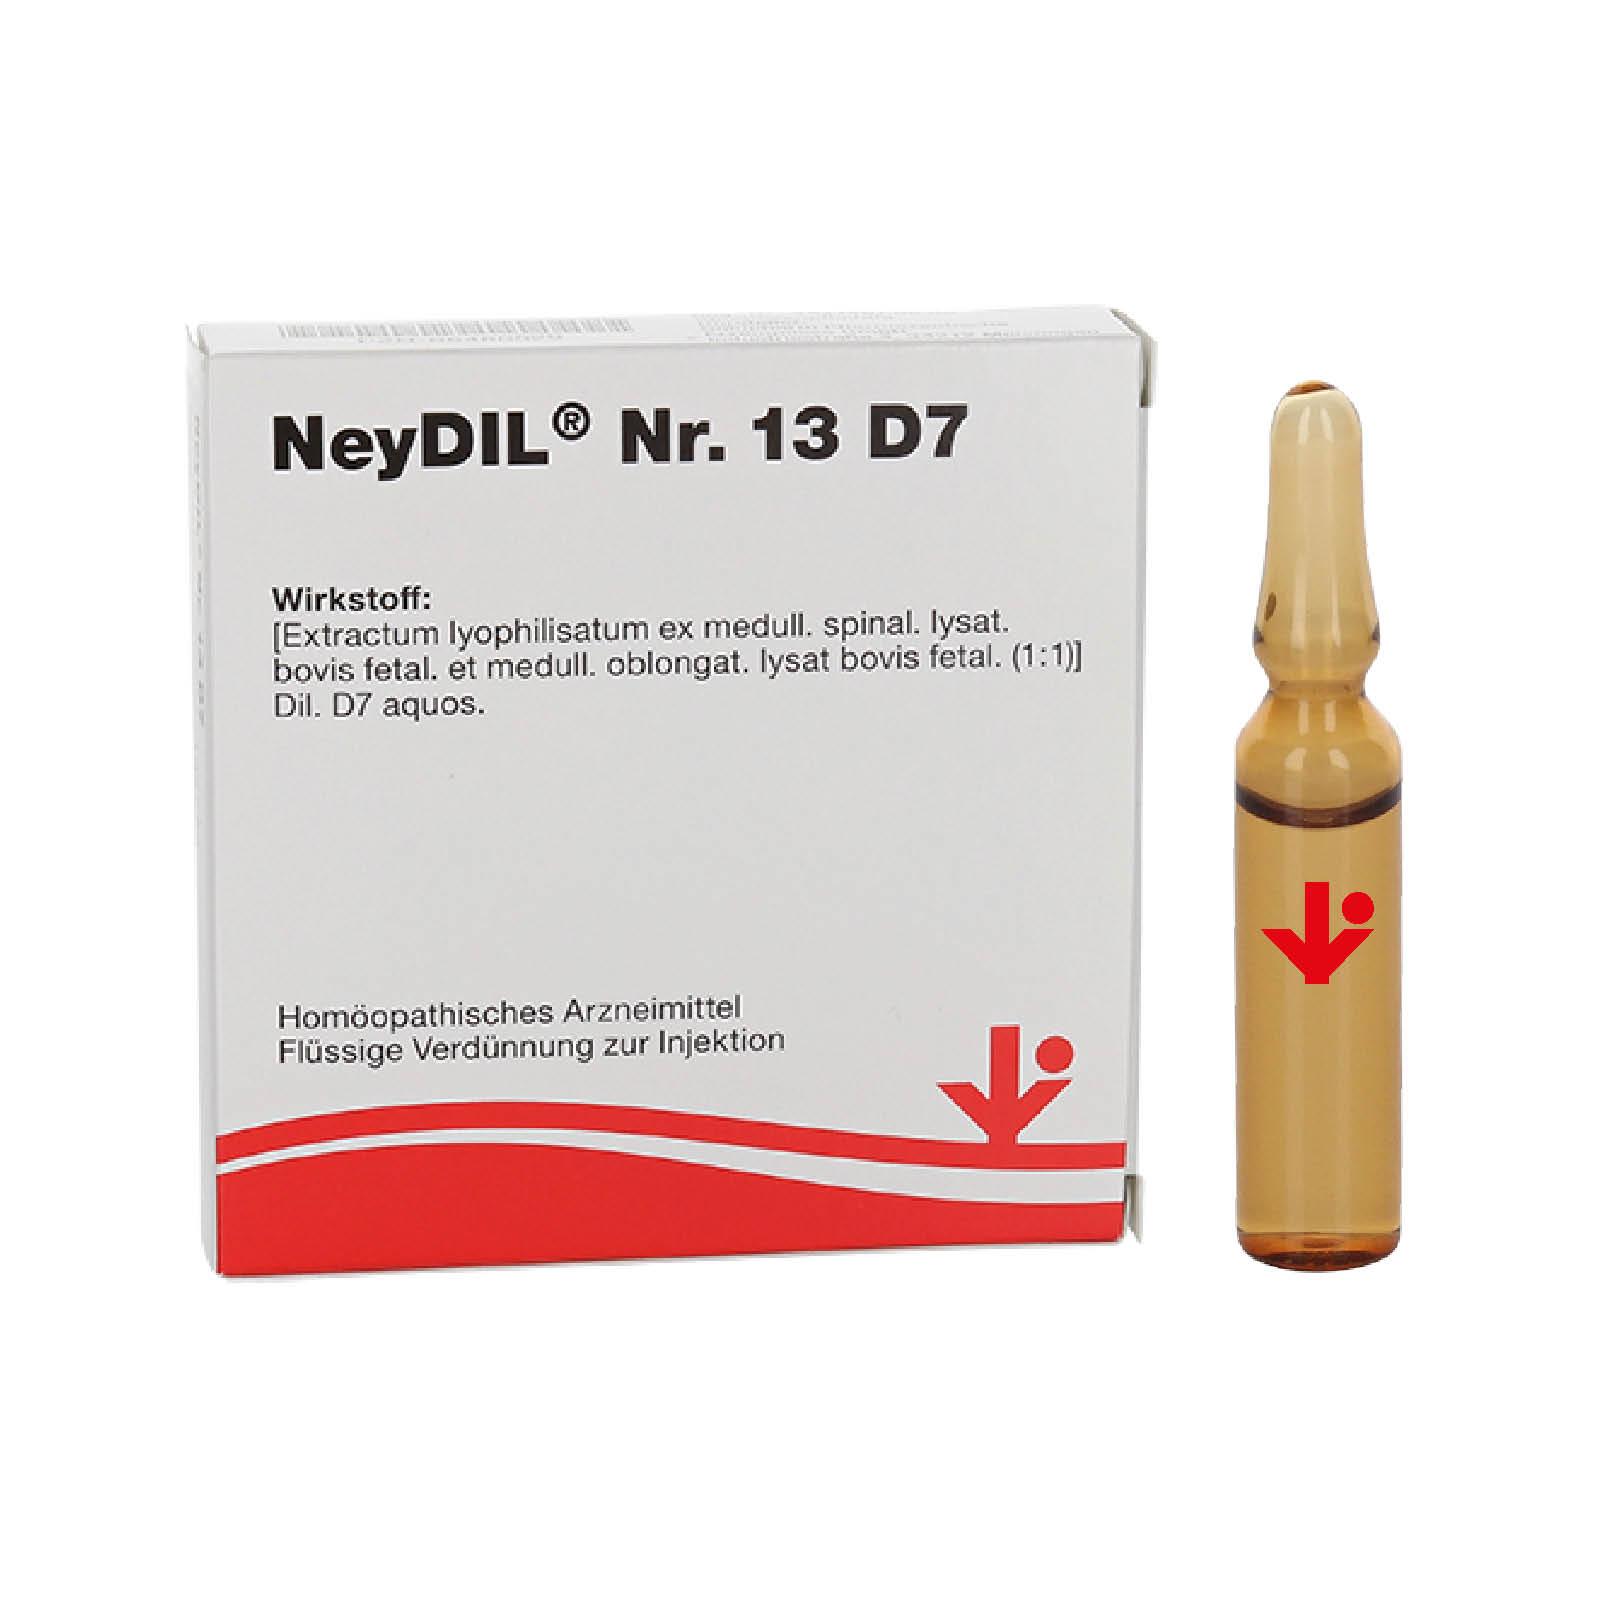 NeyDIL® Nr. 13 D7